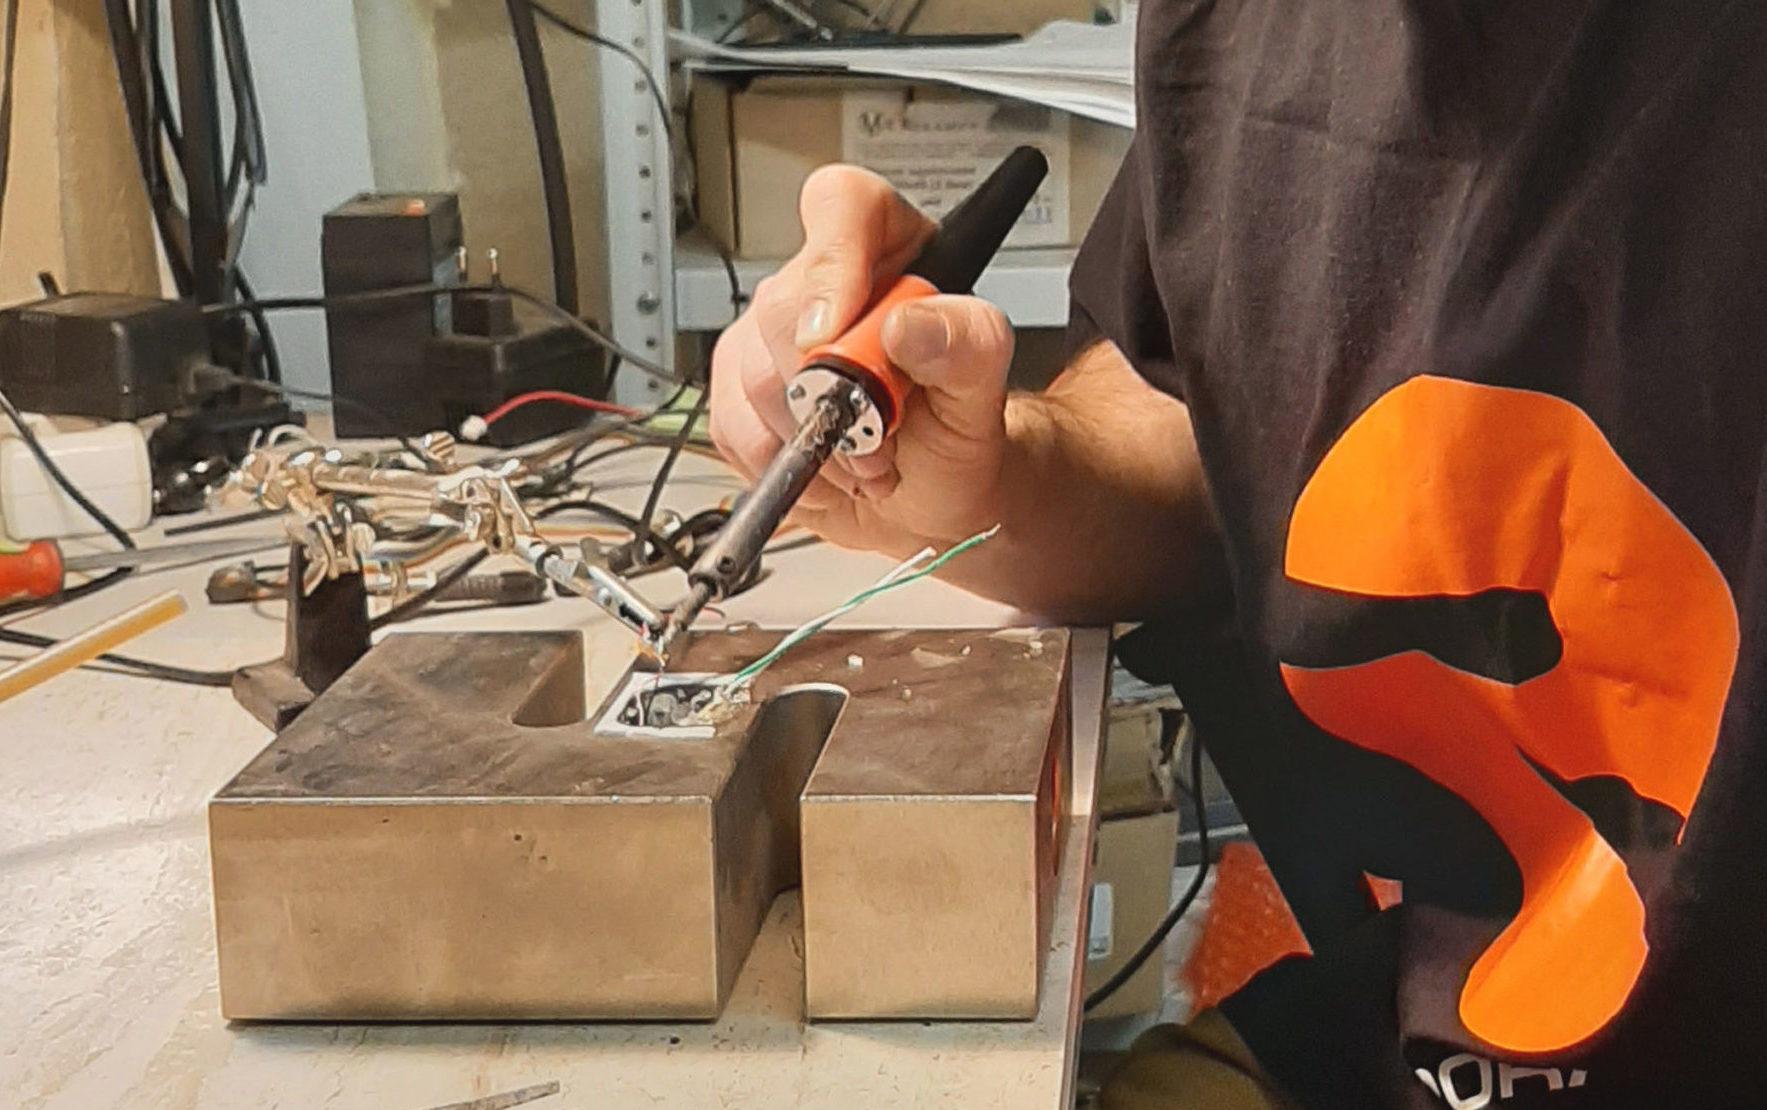 Техническое обслуживание и ремонт динамометрического оборудования в МЭД-СЕРВИС